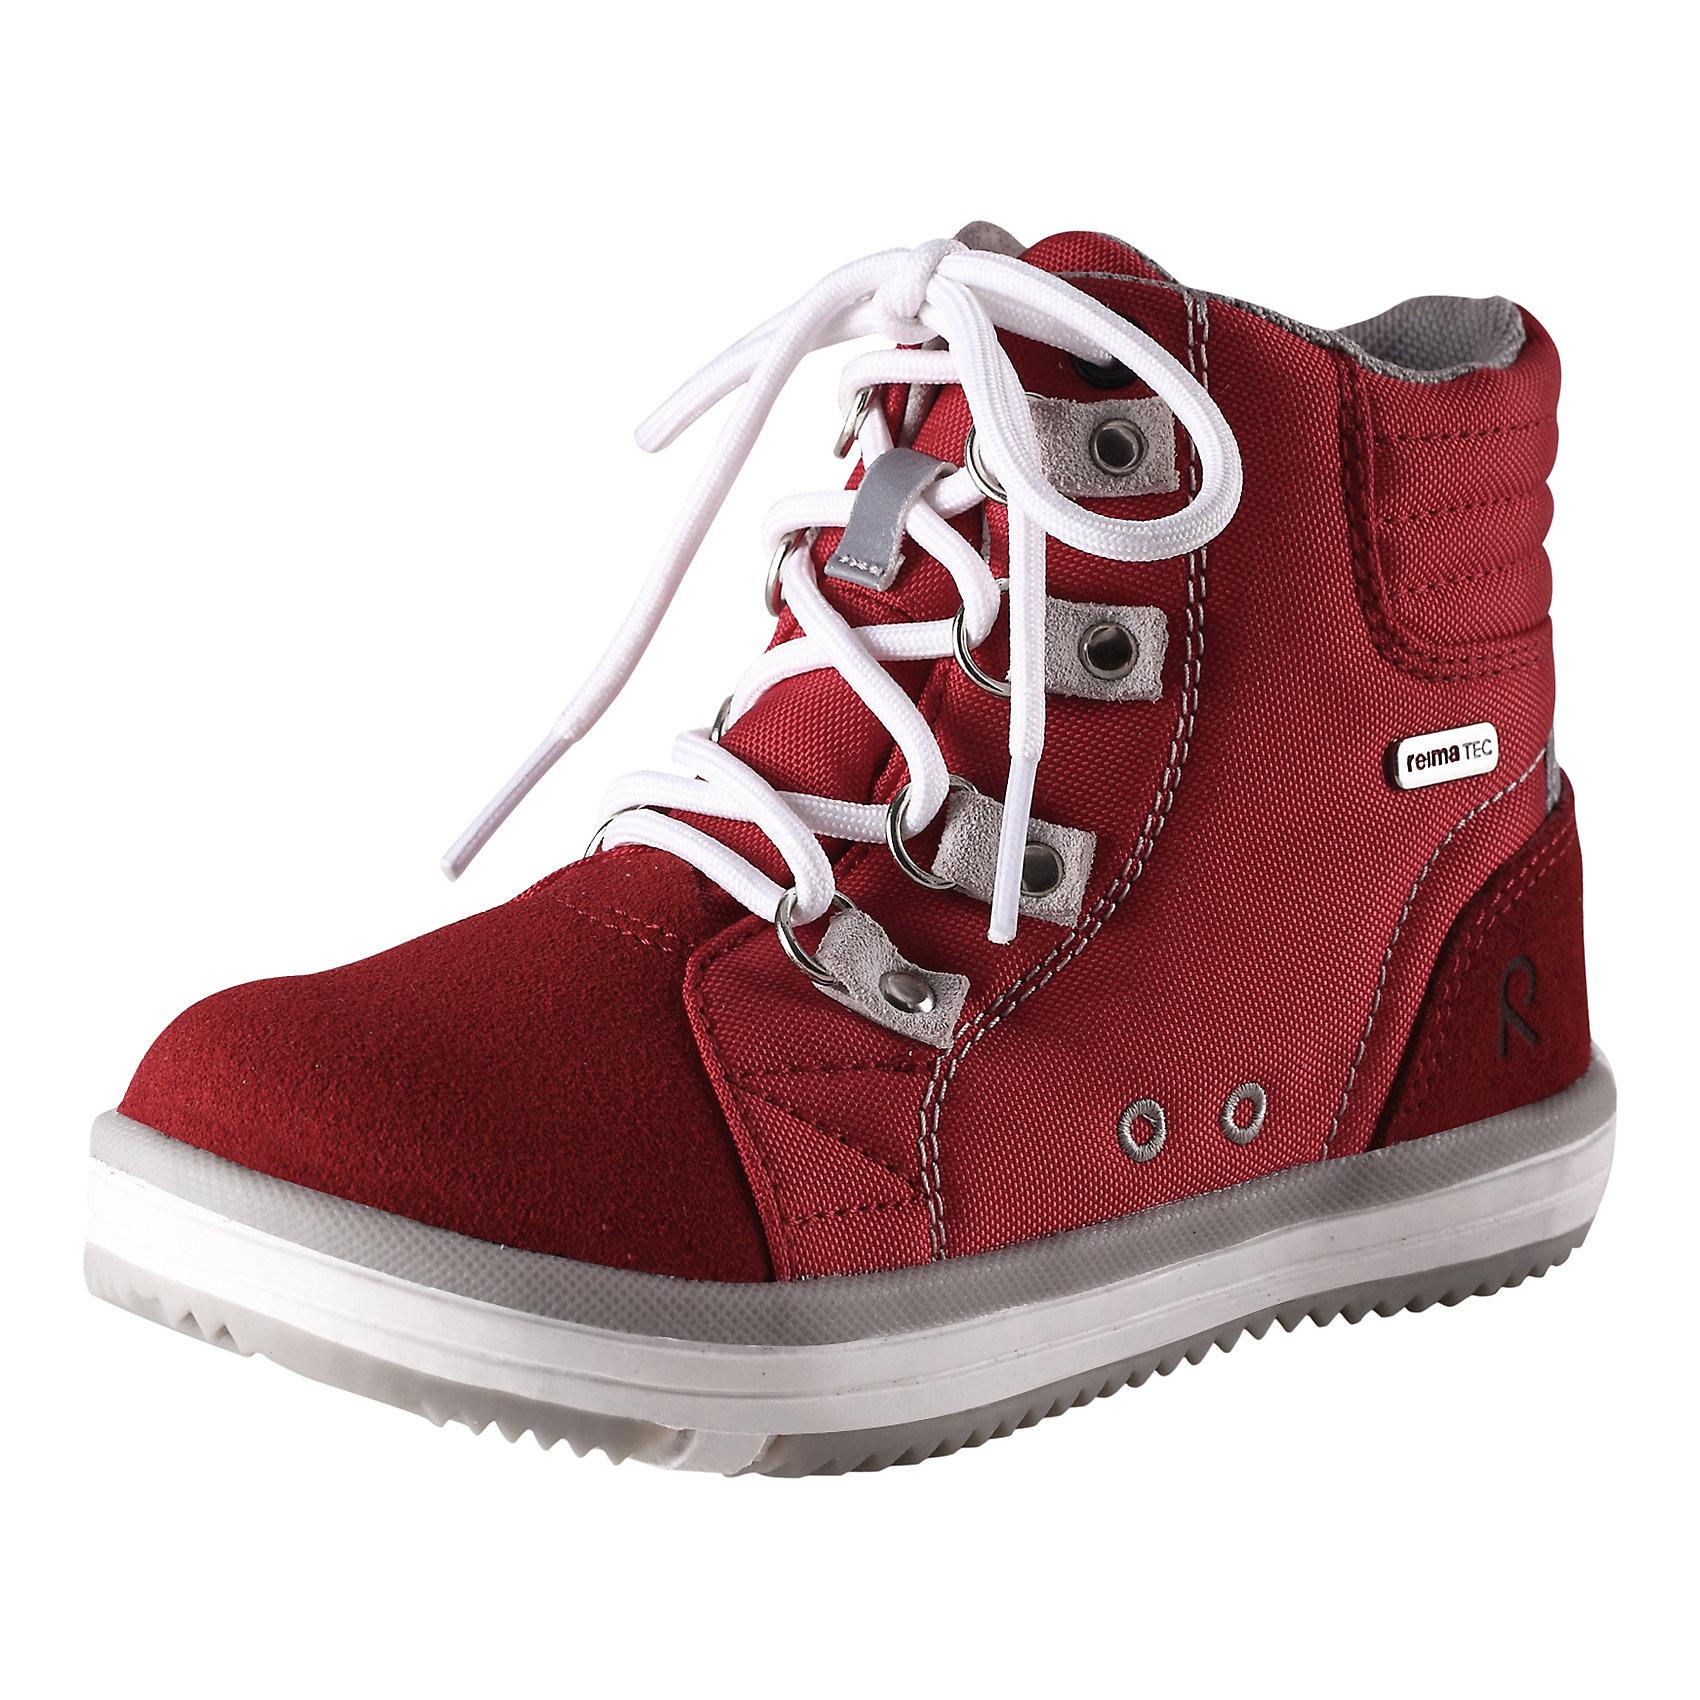 Ботинки Wetter Reimatec ReimaКлассика - водонепроницаемые кроссовки Reimatec®! Верхняя часть изготовлена из гибкого полиамида, носовая и задняя части усилены замшем из коровьей кожи. Яркие сочные расцветки прекрасно комбинируются с различной верхней одеждой и аксессуарами Reima®. К обуви идут в наборе две пары шнурков – в добавок к обычным обувным шнуркам вы можете попробовать новые, эластичные шнурки, быстрые и удобные в использовании! Обувь снабжена уникальными съемными стельками Reima с принтом Happy Fit, которые помогают правильно определить размер.<br><br>Дополнительная информация:<br><br>Кроссовки для детей<br>Водонепроницаемая демисезонная обувь<br>Верх из натуральной замши (из телячьей кожи) и текстиля<br>Подошва Reima® из термопластичного каучука с рисунком Happy Fit<br>Водонепроницаемые, герметичные вставки с подкладкой из mesh-сетки<br>Съемные стельки с рисунком Happy Fit, которые помогают определить размер<br>Светоотражающие детали<br>Состав:<br>Подошва: термопластичная резина, Верх: 80% ПЭ 20% Кожа<br>Уход:<br>Храните обувь в вертикальном положении при комнатной температуре. Сушить обувь всегда следует при комнатной температуре: вынув съемные стельки. Стельки следует время от времени заменять на новые. Налипшую грязь можно счищать щеткой или влажной тряпкой. Перед использованием обувь рекомендуется обрабатывать специальными защитными средствами.<br><br>Ширина мм: 262<br>Глубина мм: 176<br>Высота мм: 97<br>Вес г: 427<br>Цвет: красный<br>Возраст от месяцев: 84<br>Возраст до месяцев: 96<br>Пол: Унисекс<br>Возраст: Детский<br>Размер: 31,26,36,35,30,25,24,33,38,37,32,29,28,27,34<br>SKU: 4498479